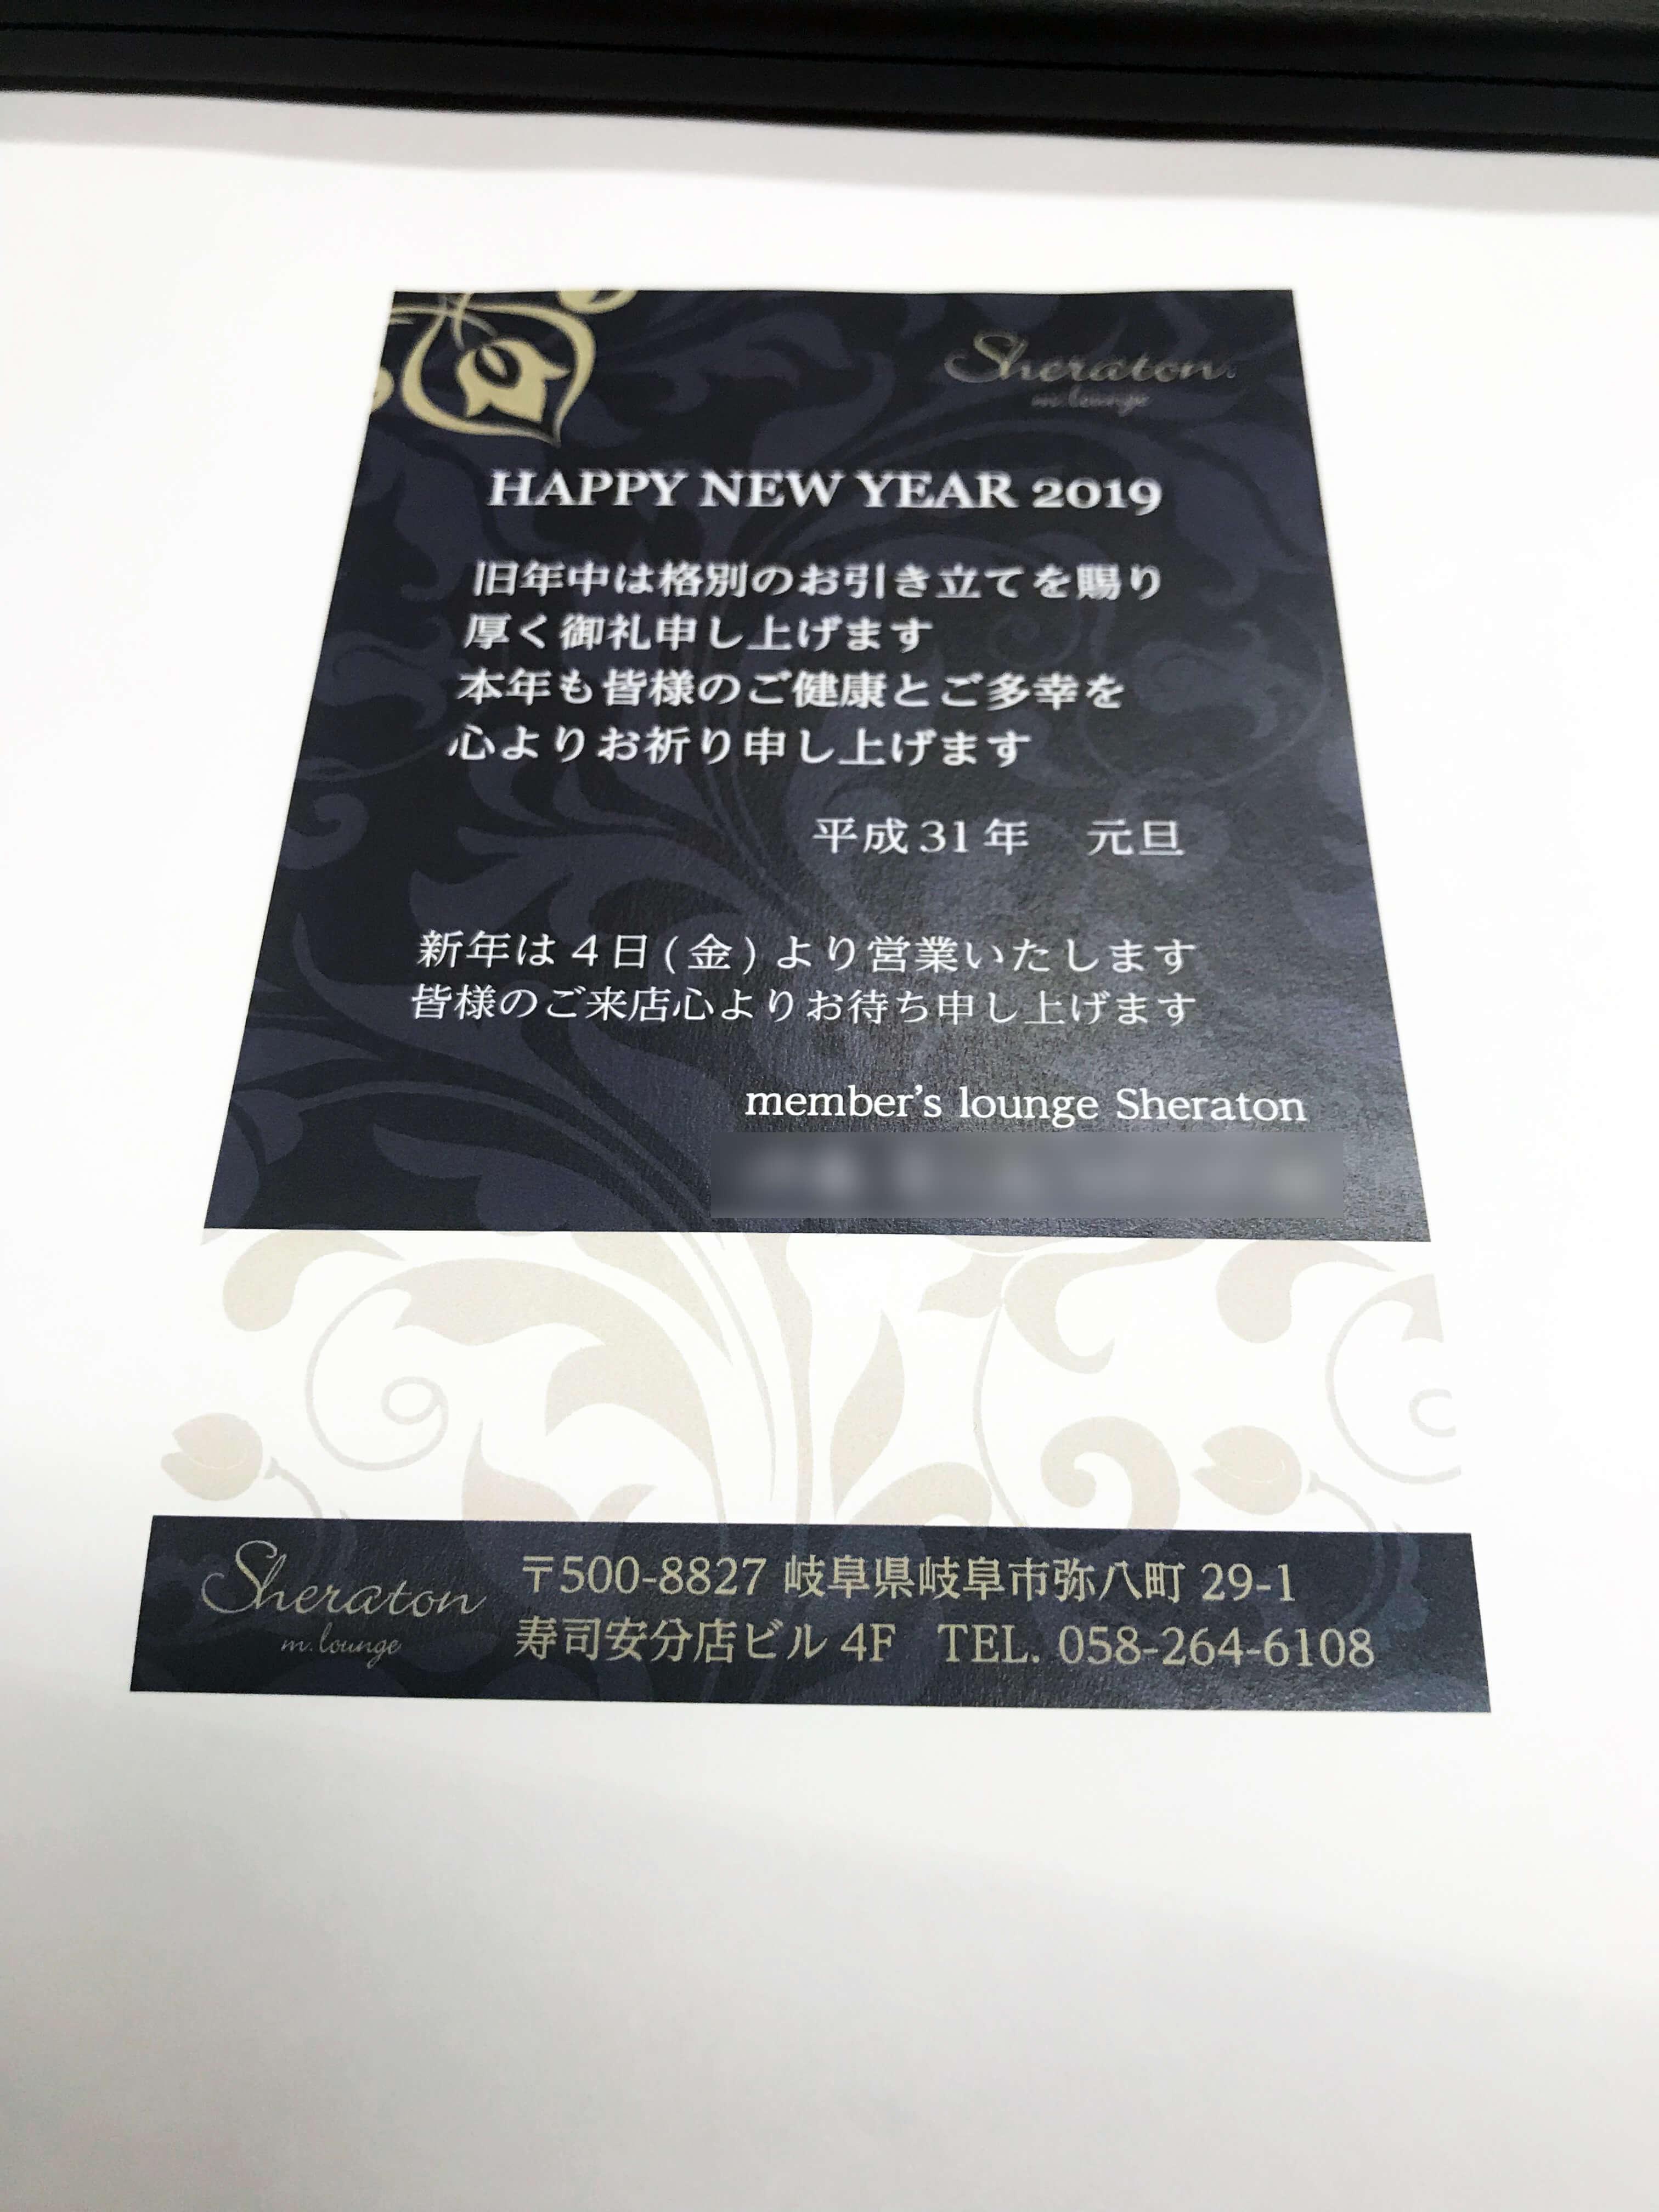 img5 - 看板だけじゃない!名刺・封筒・はがき・チケット・色々な販促品を作っているのでご紹介!